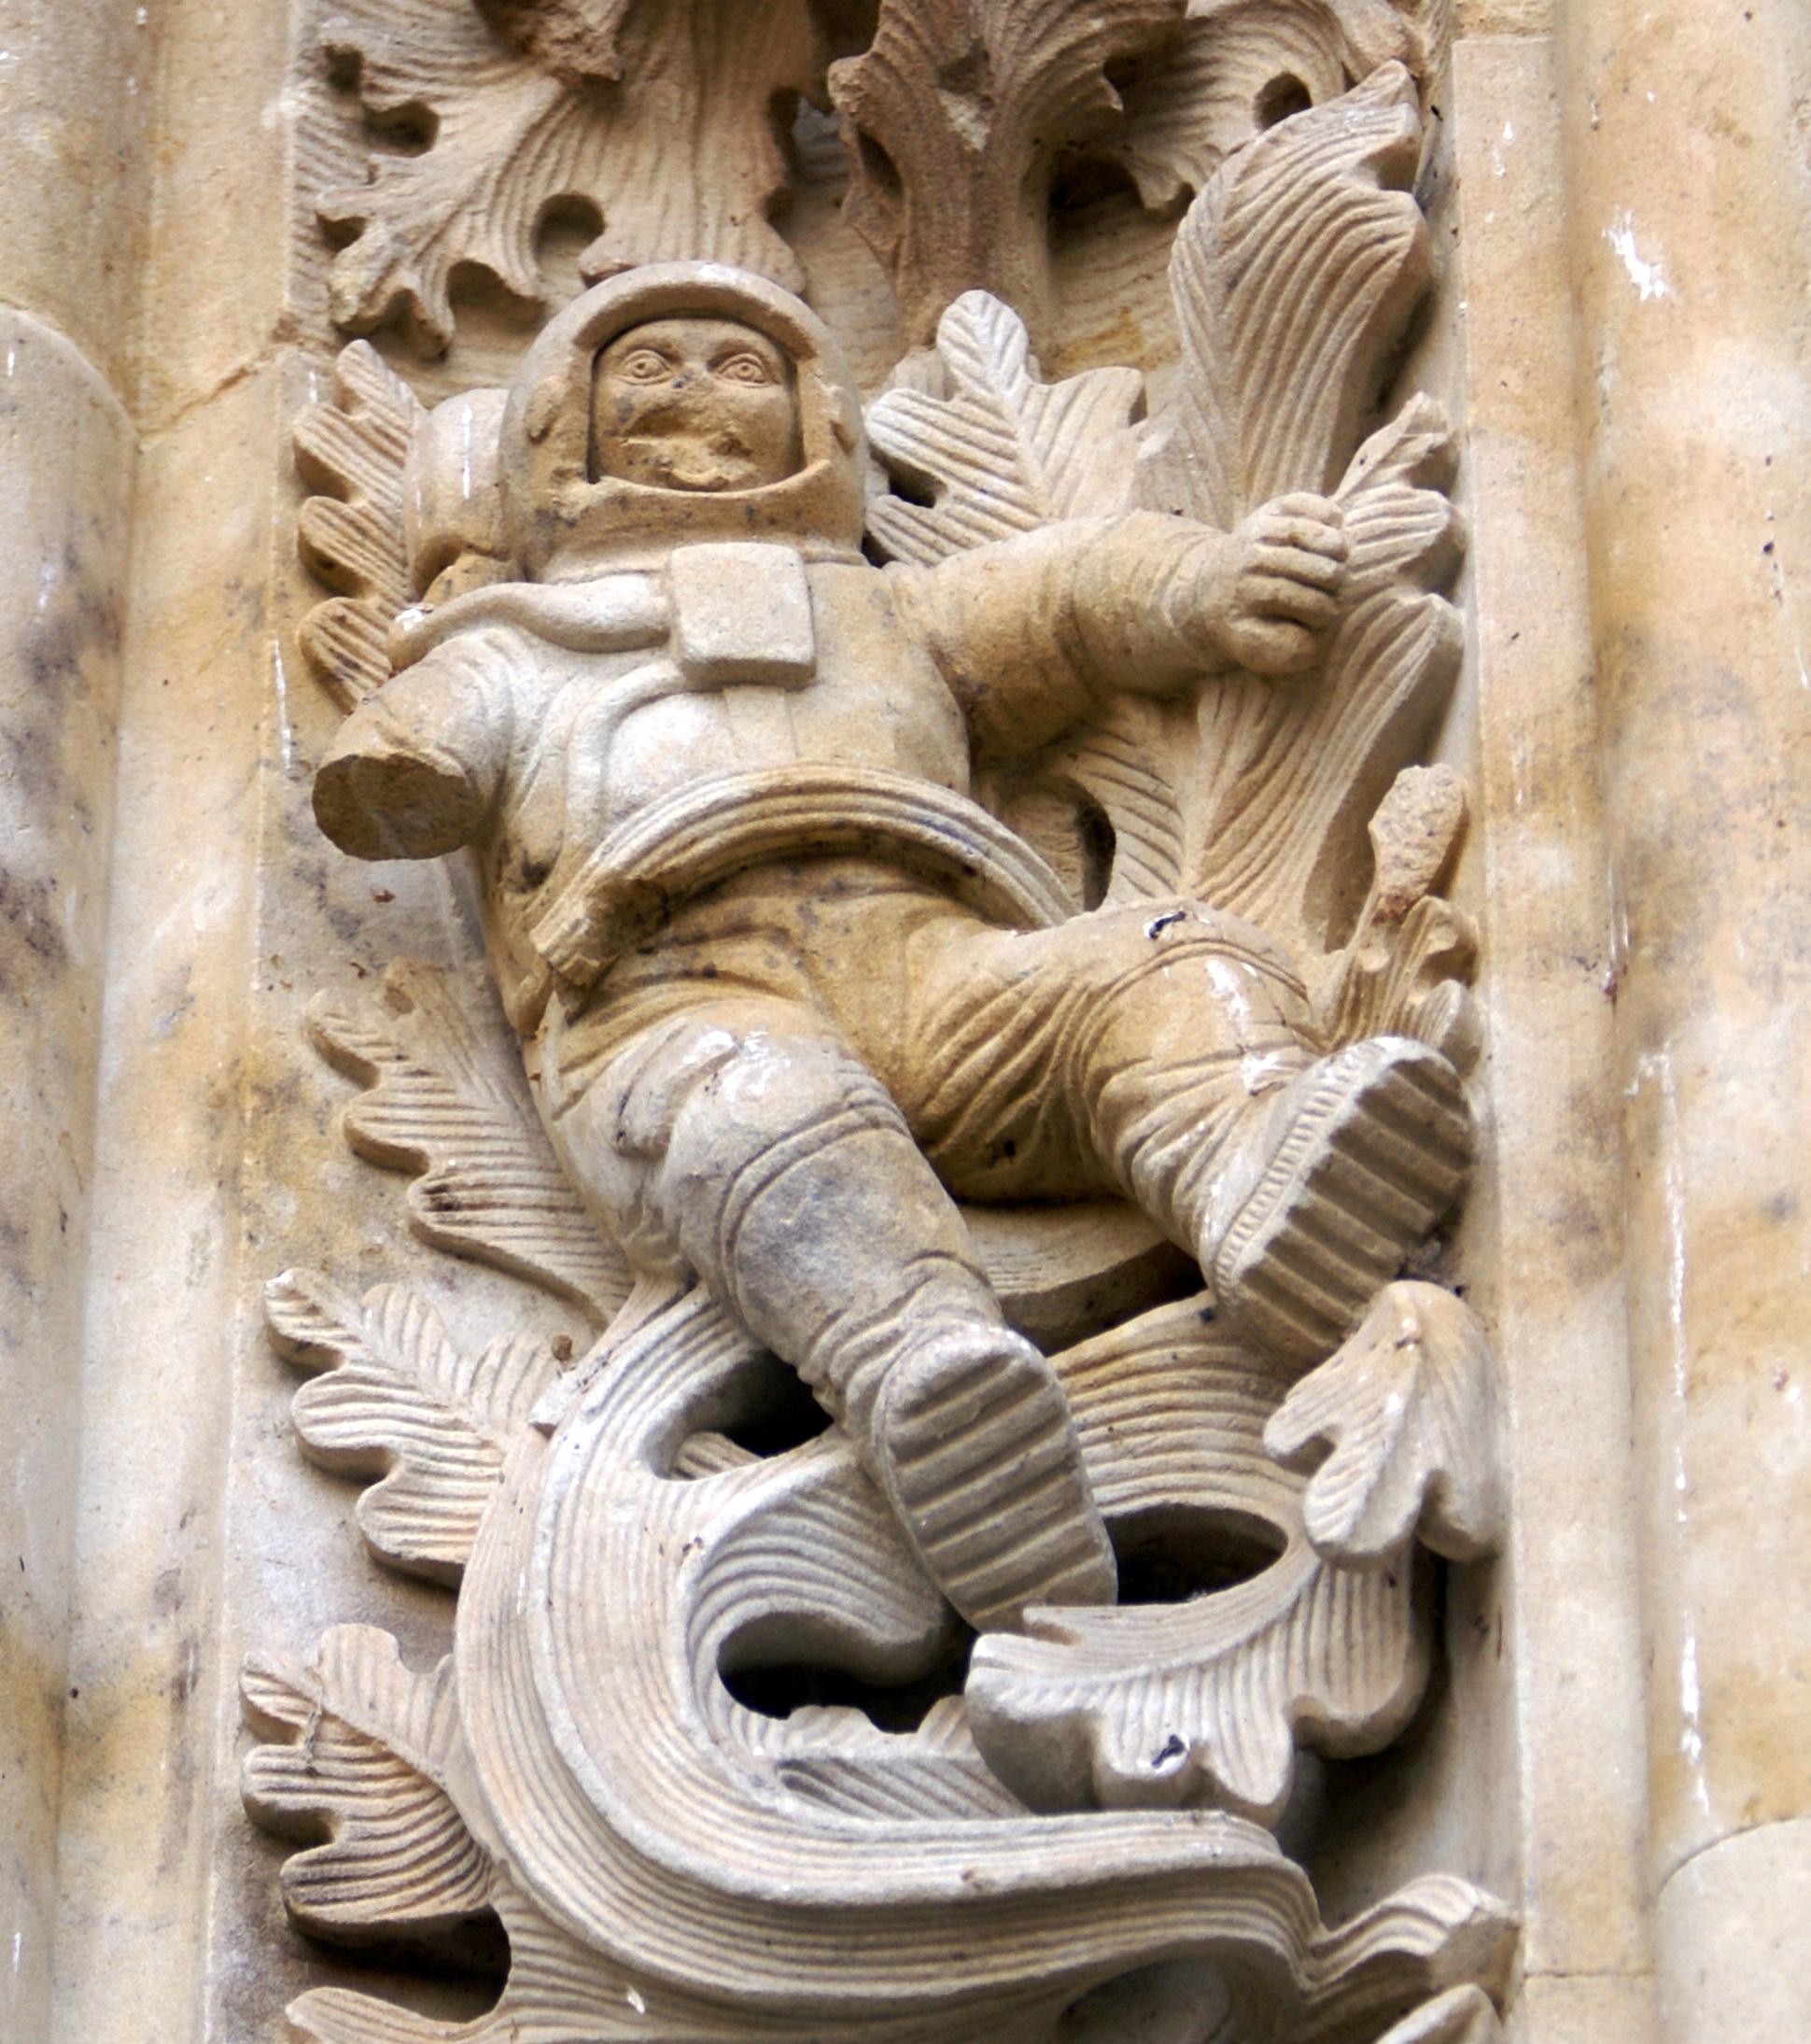 ancient astronaut sculpture - photo #5